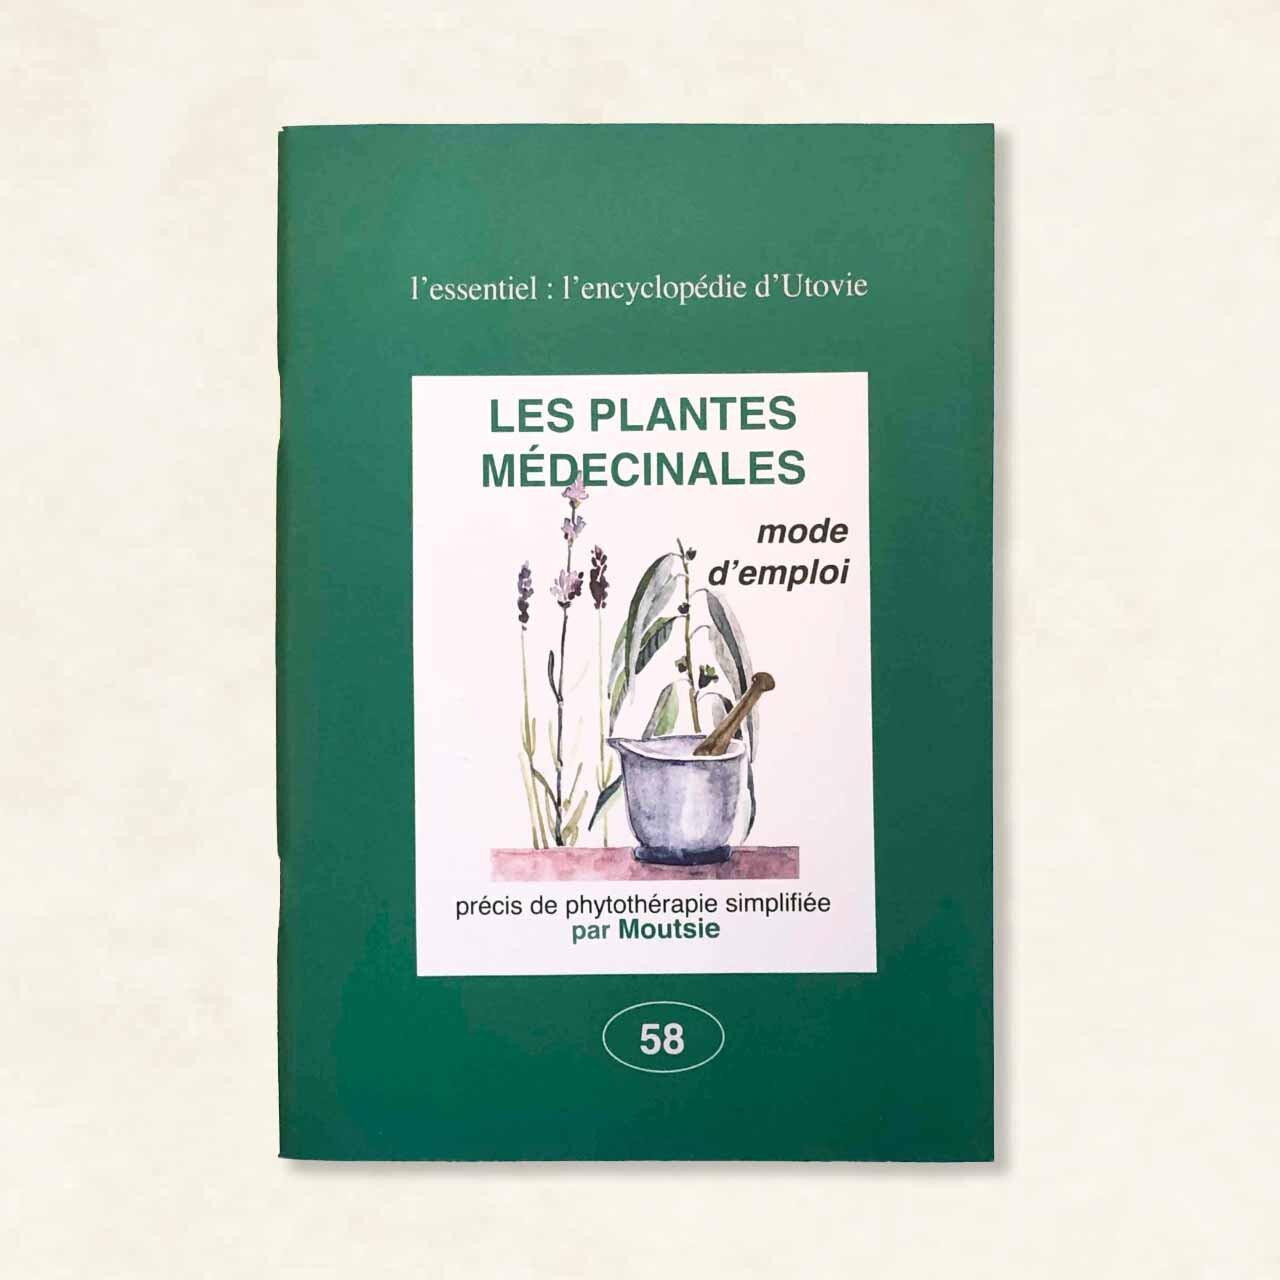 Plantes Médicinales - Les plantes médicinales mode d'emploi